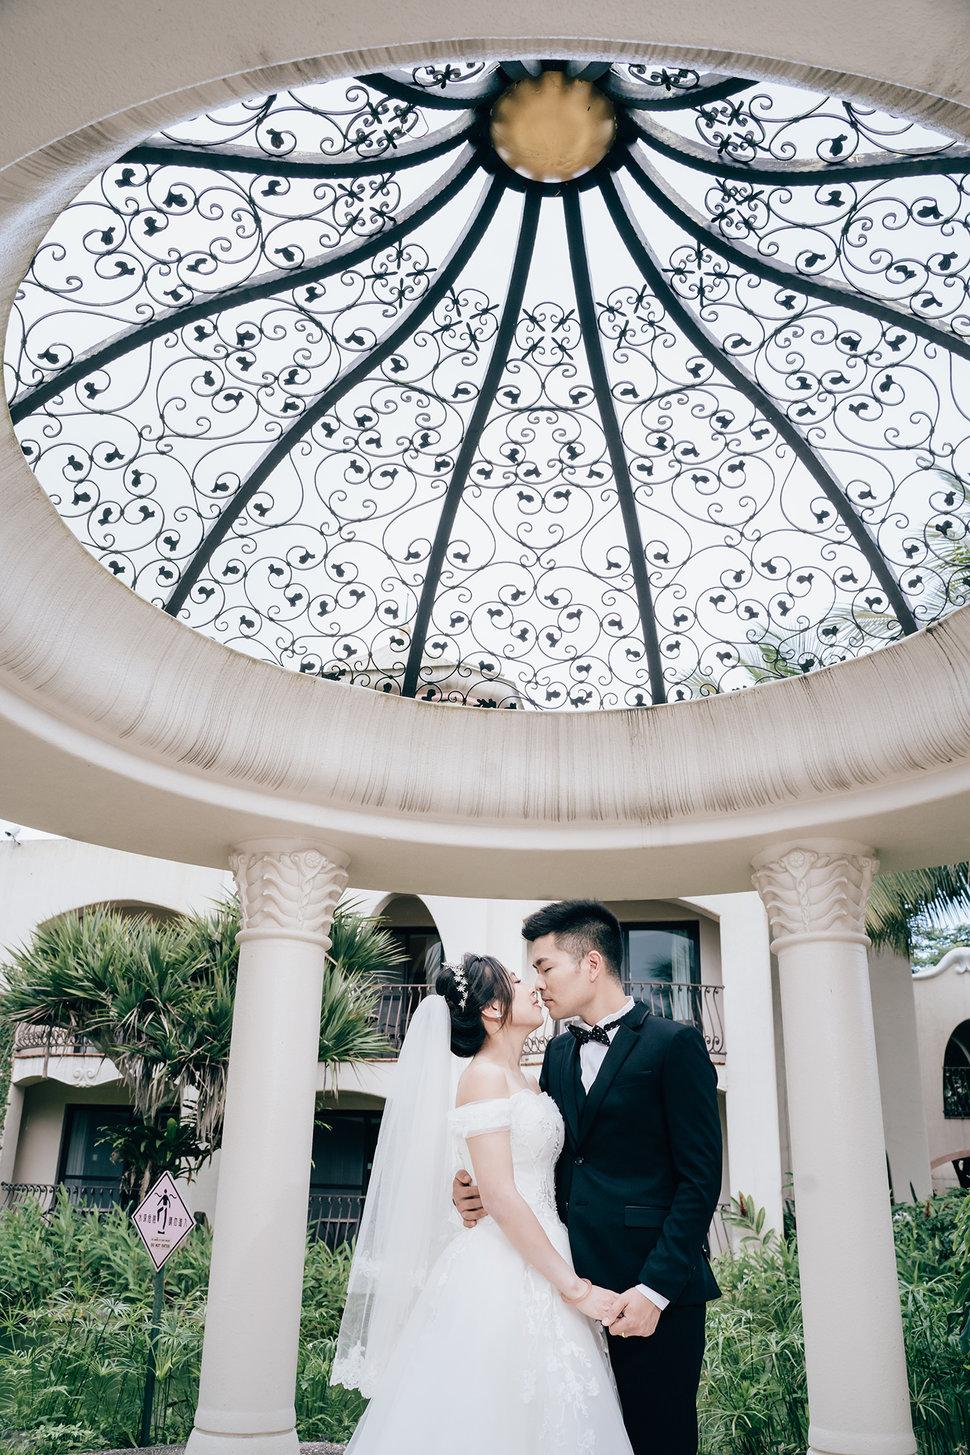 20190606-77 - 婚攝阿峰-采舍影像《結婚吧》